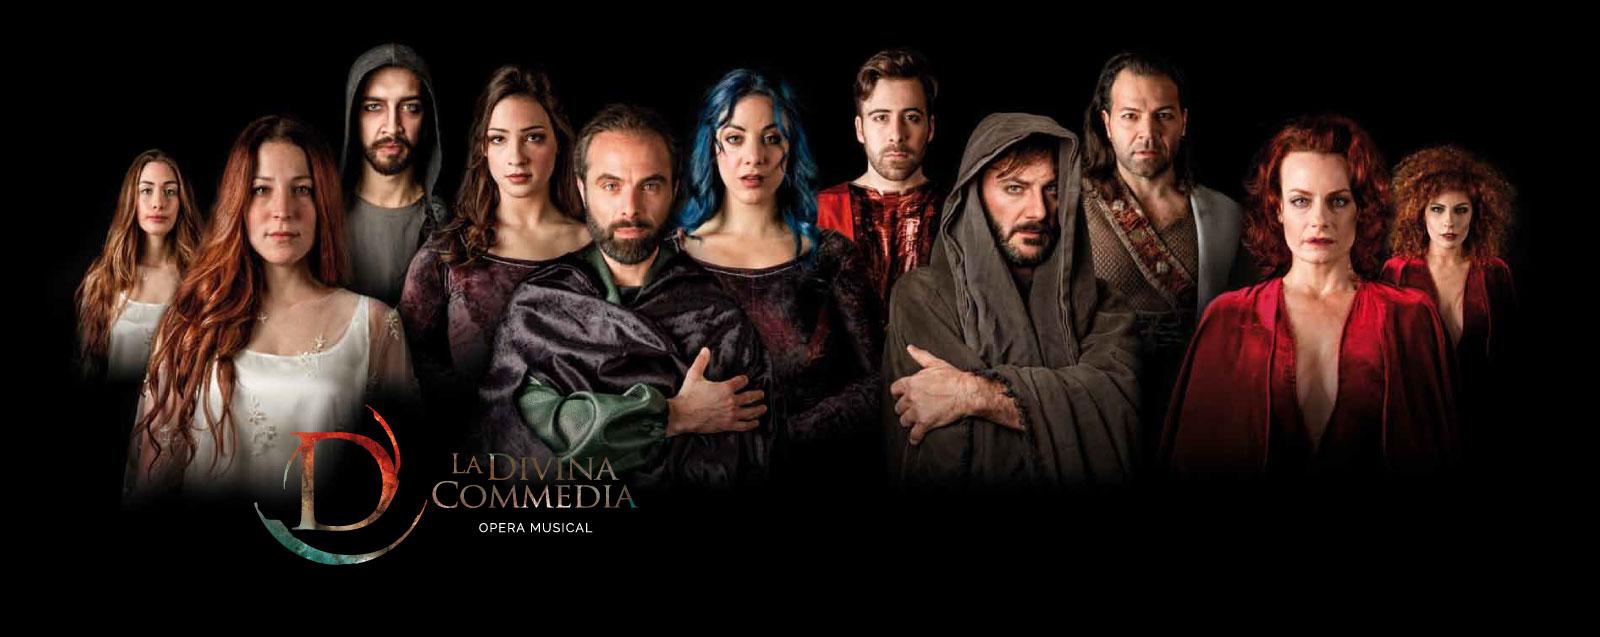 LA DIVINA COMMEDIA Opera Musical MILANO